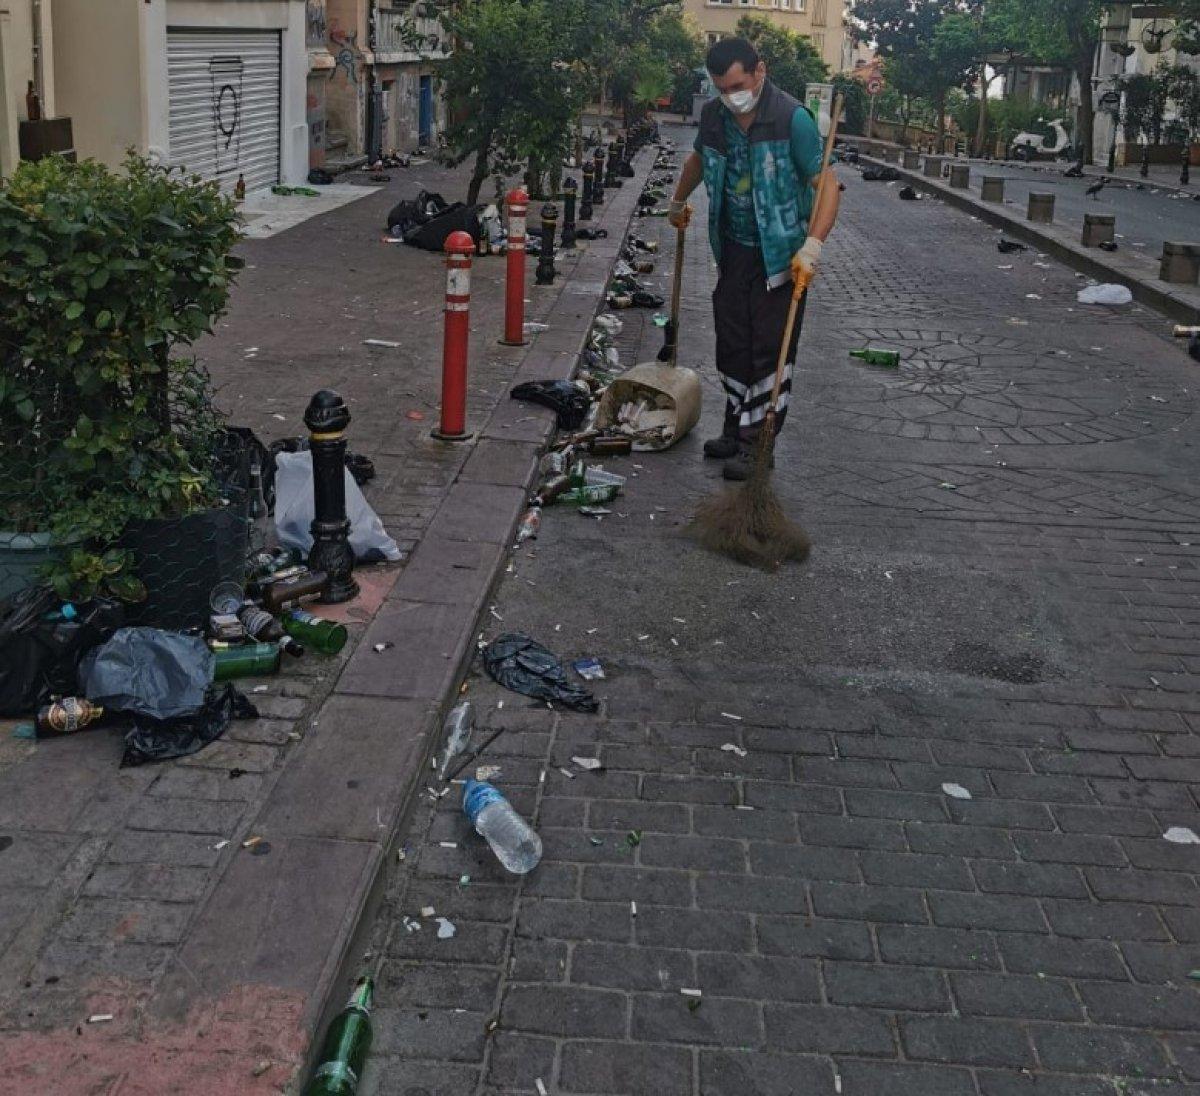 Kadıköy den sonra Cihangir de de toplanan kalabalık taşkınlık çıkardı #2